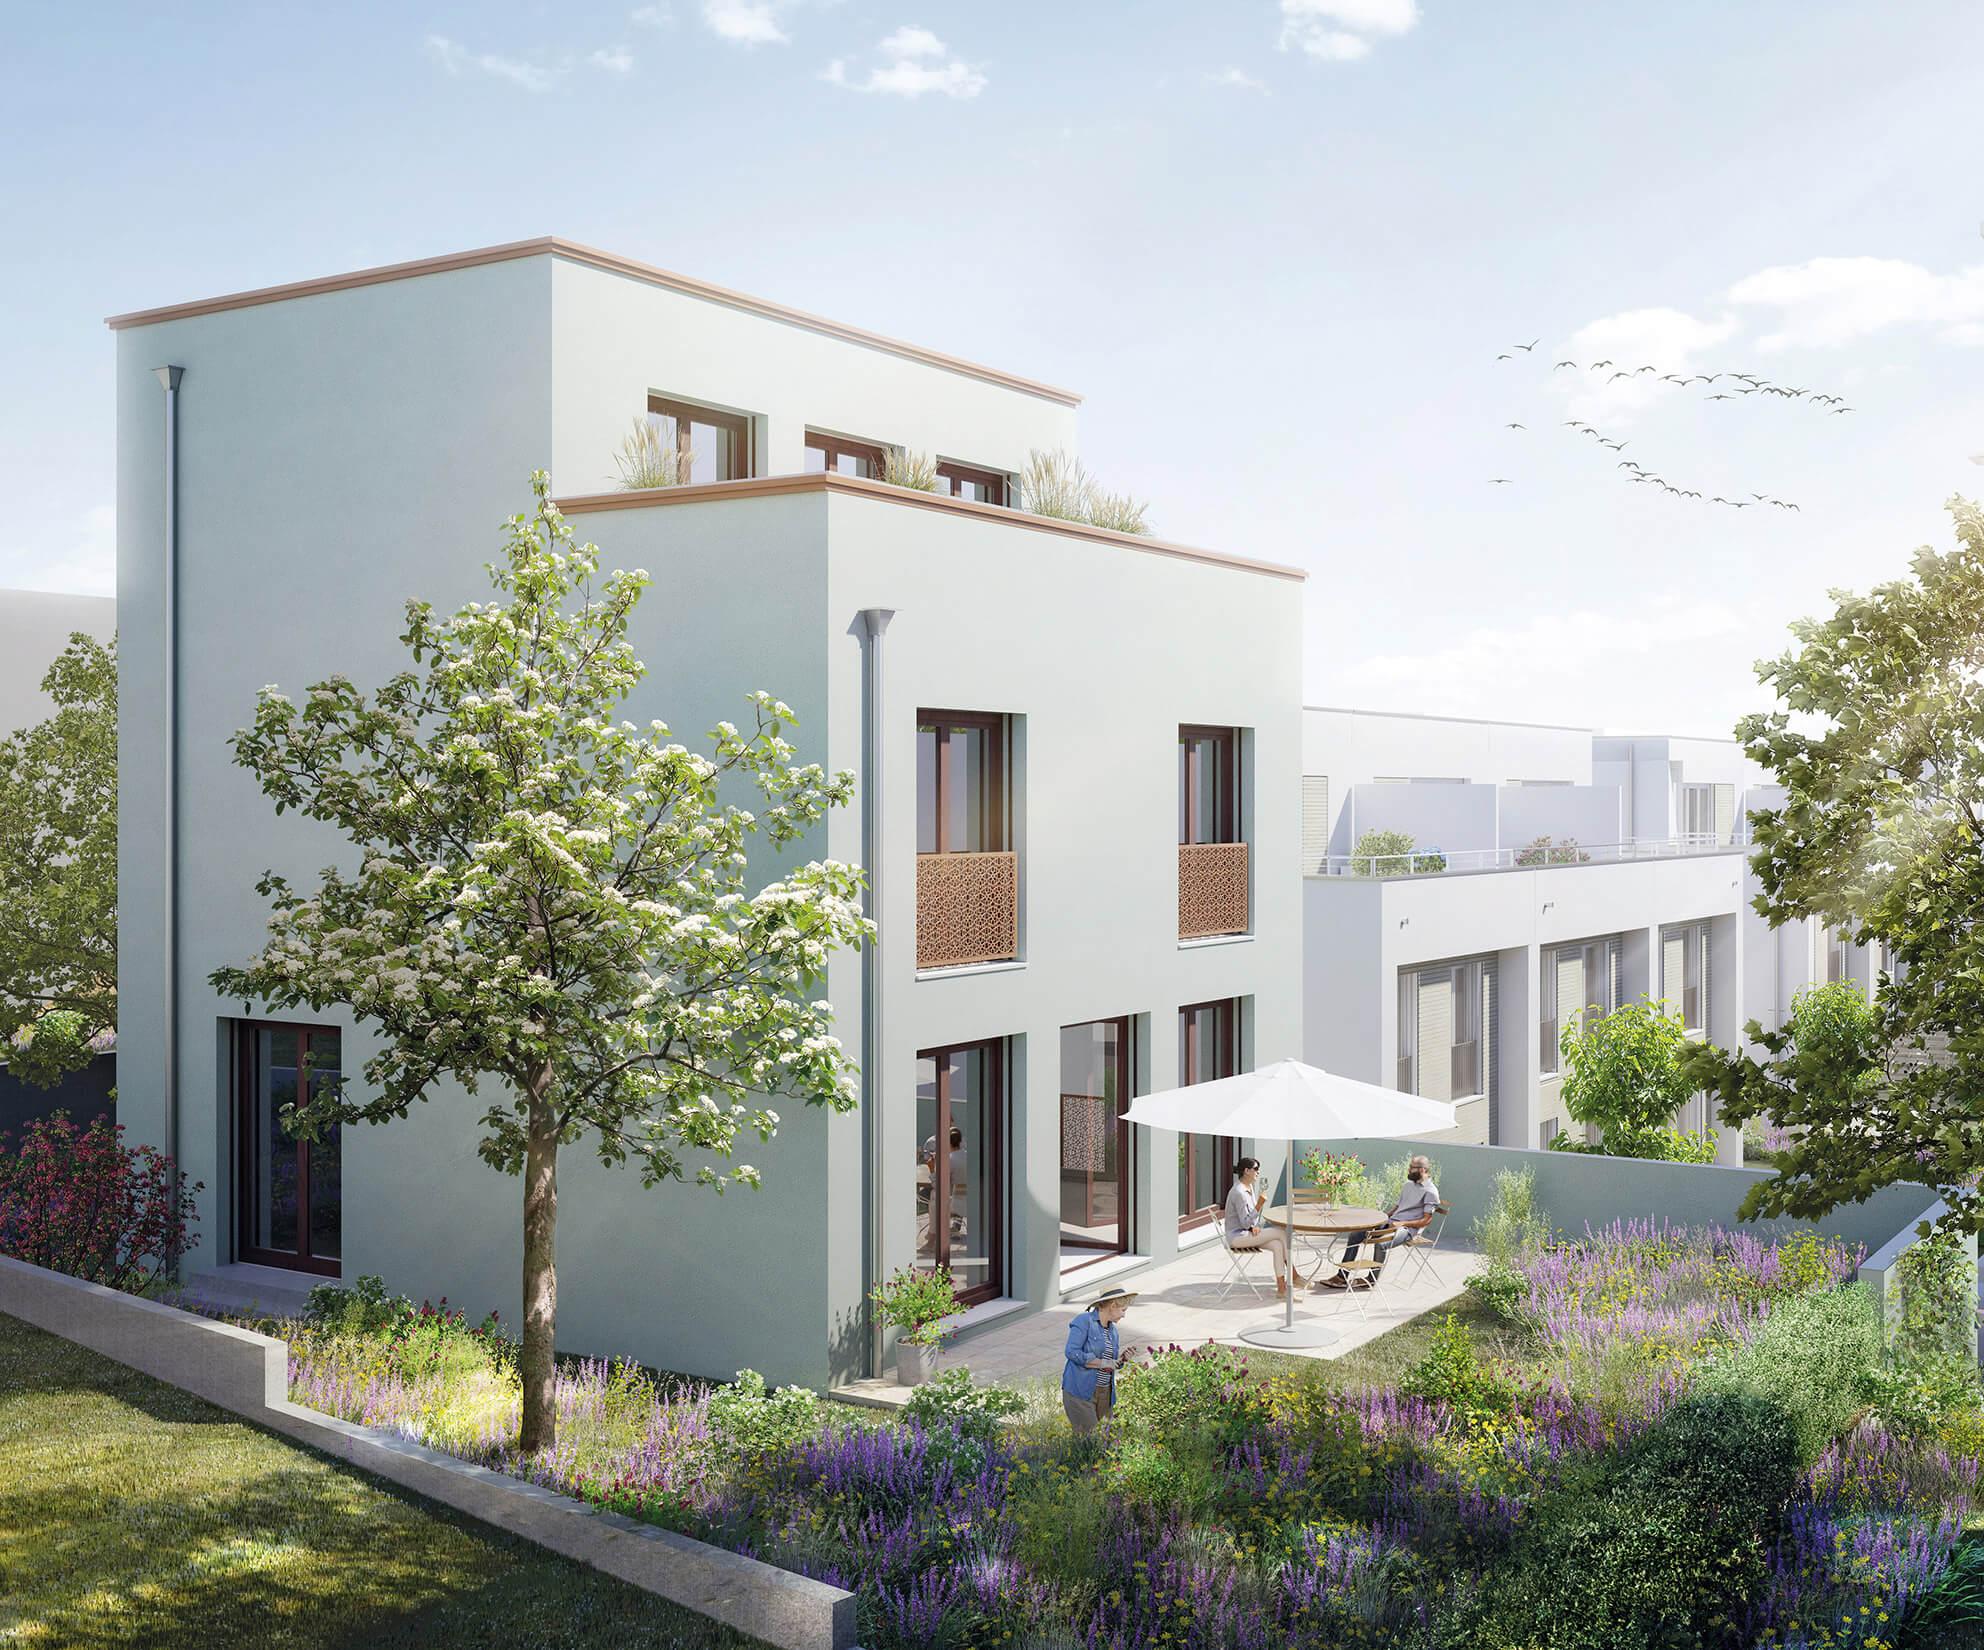 Freistehendes Einfamilienhaus, Visualisierung